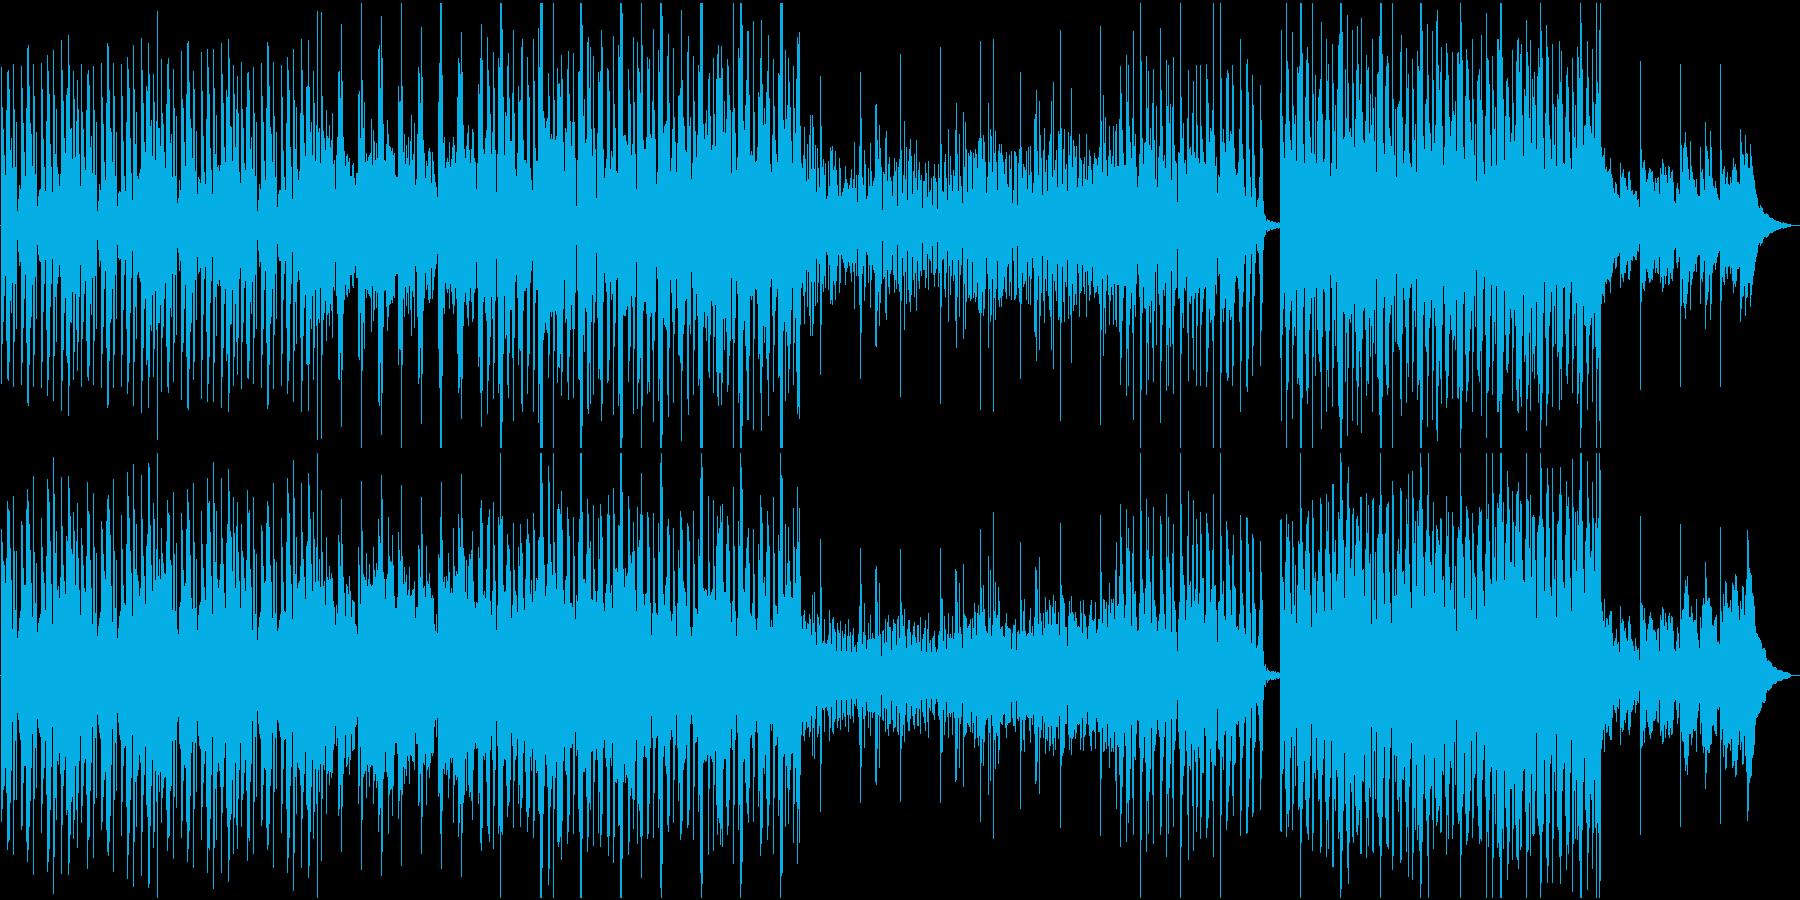 アンビエント、エレクトロニカ系BGMの再生済みの波形